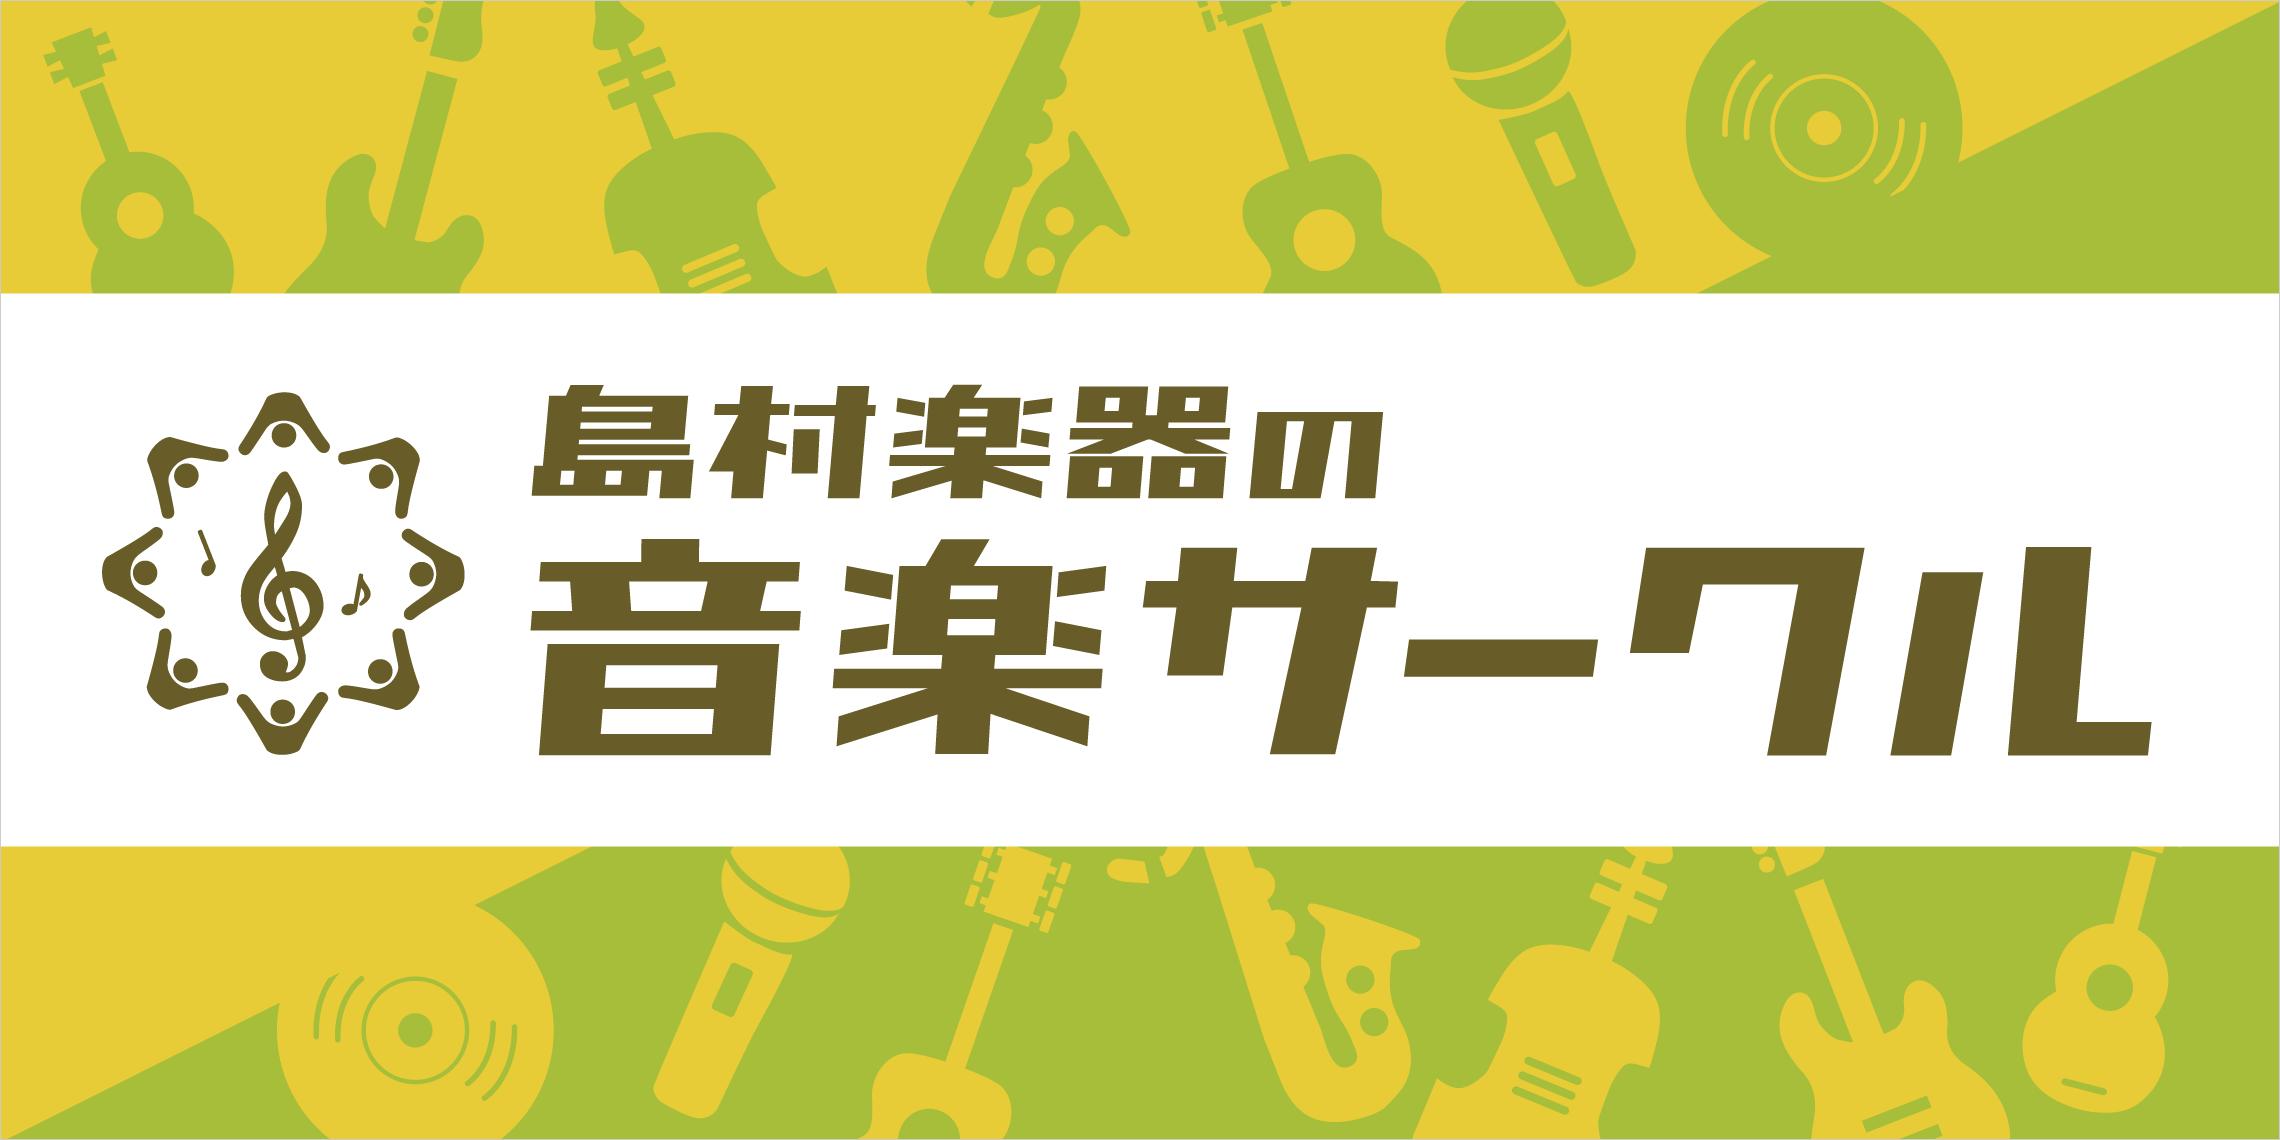 島村楽器サークル情報 川口大人の弾き語りサークル